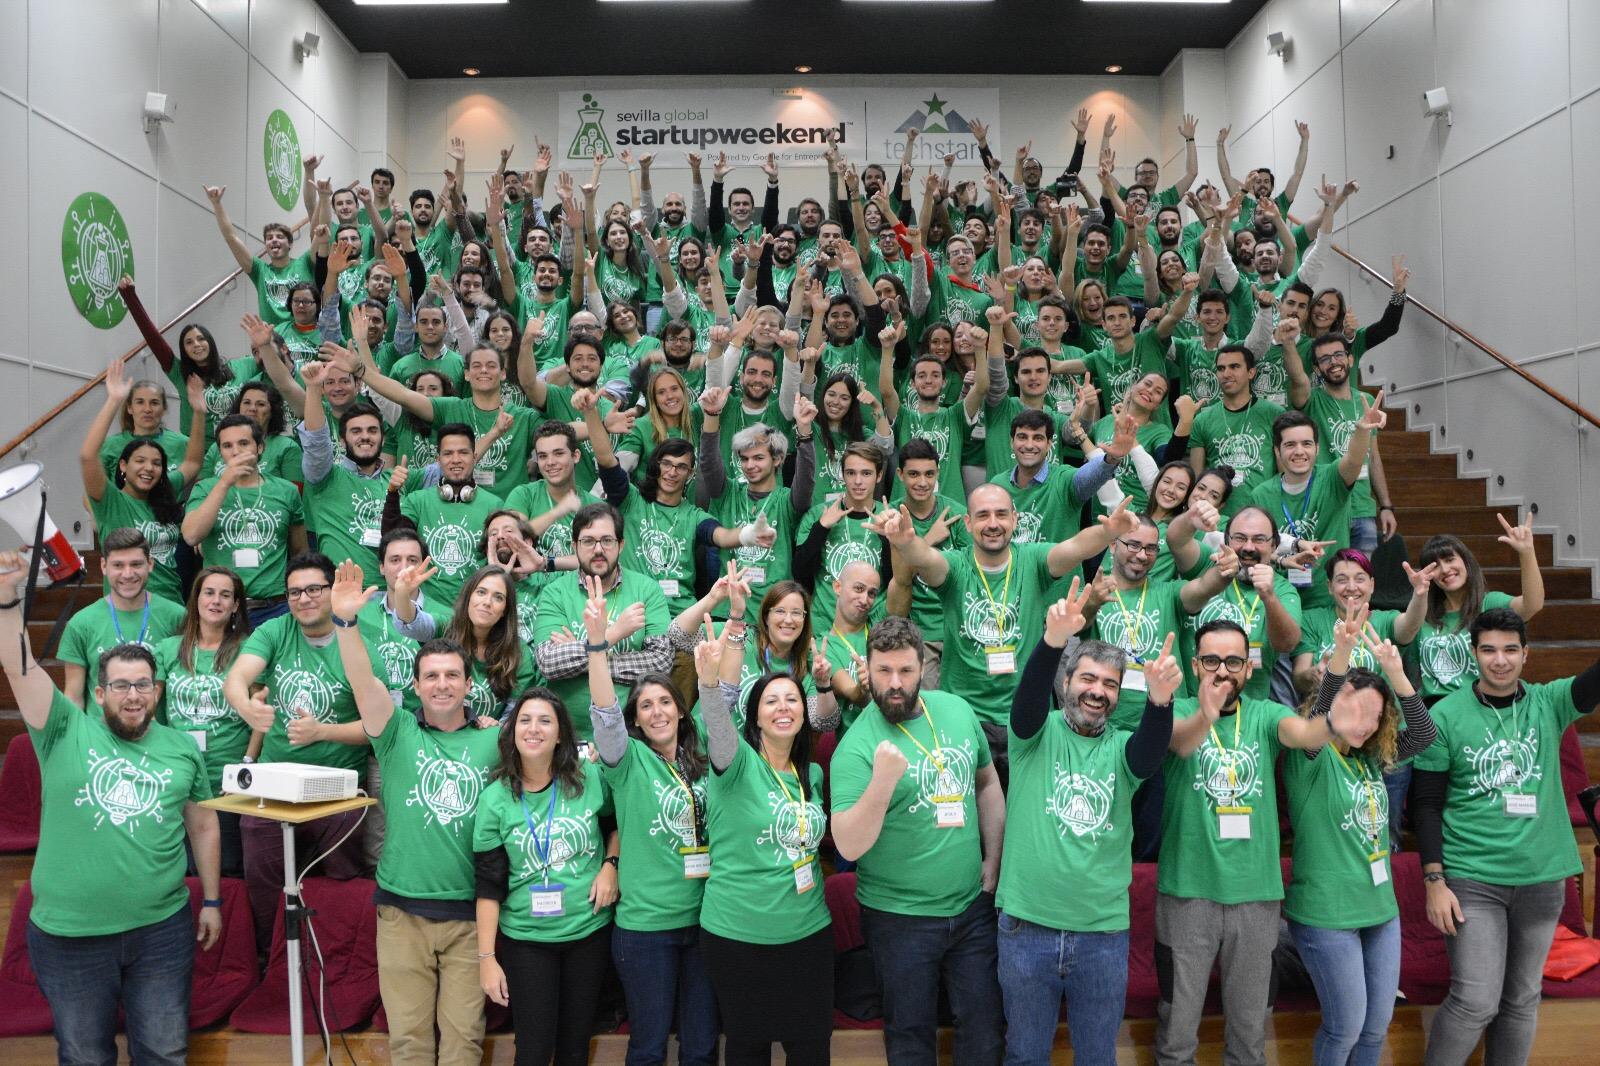 JAIME ARANDA emprendimiento startup innovacion formacion eventos consultor coworking sevilla 011